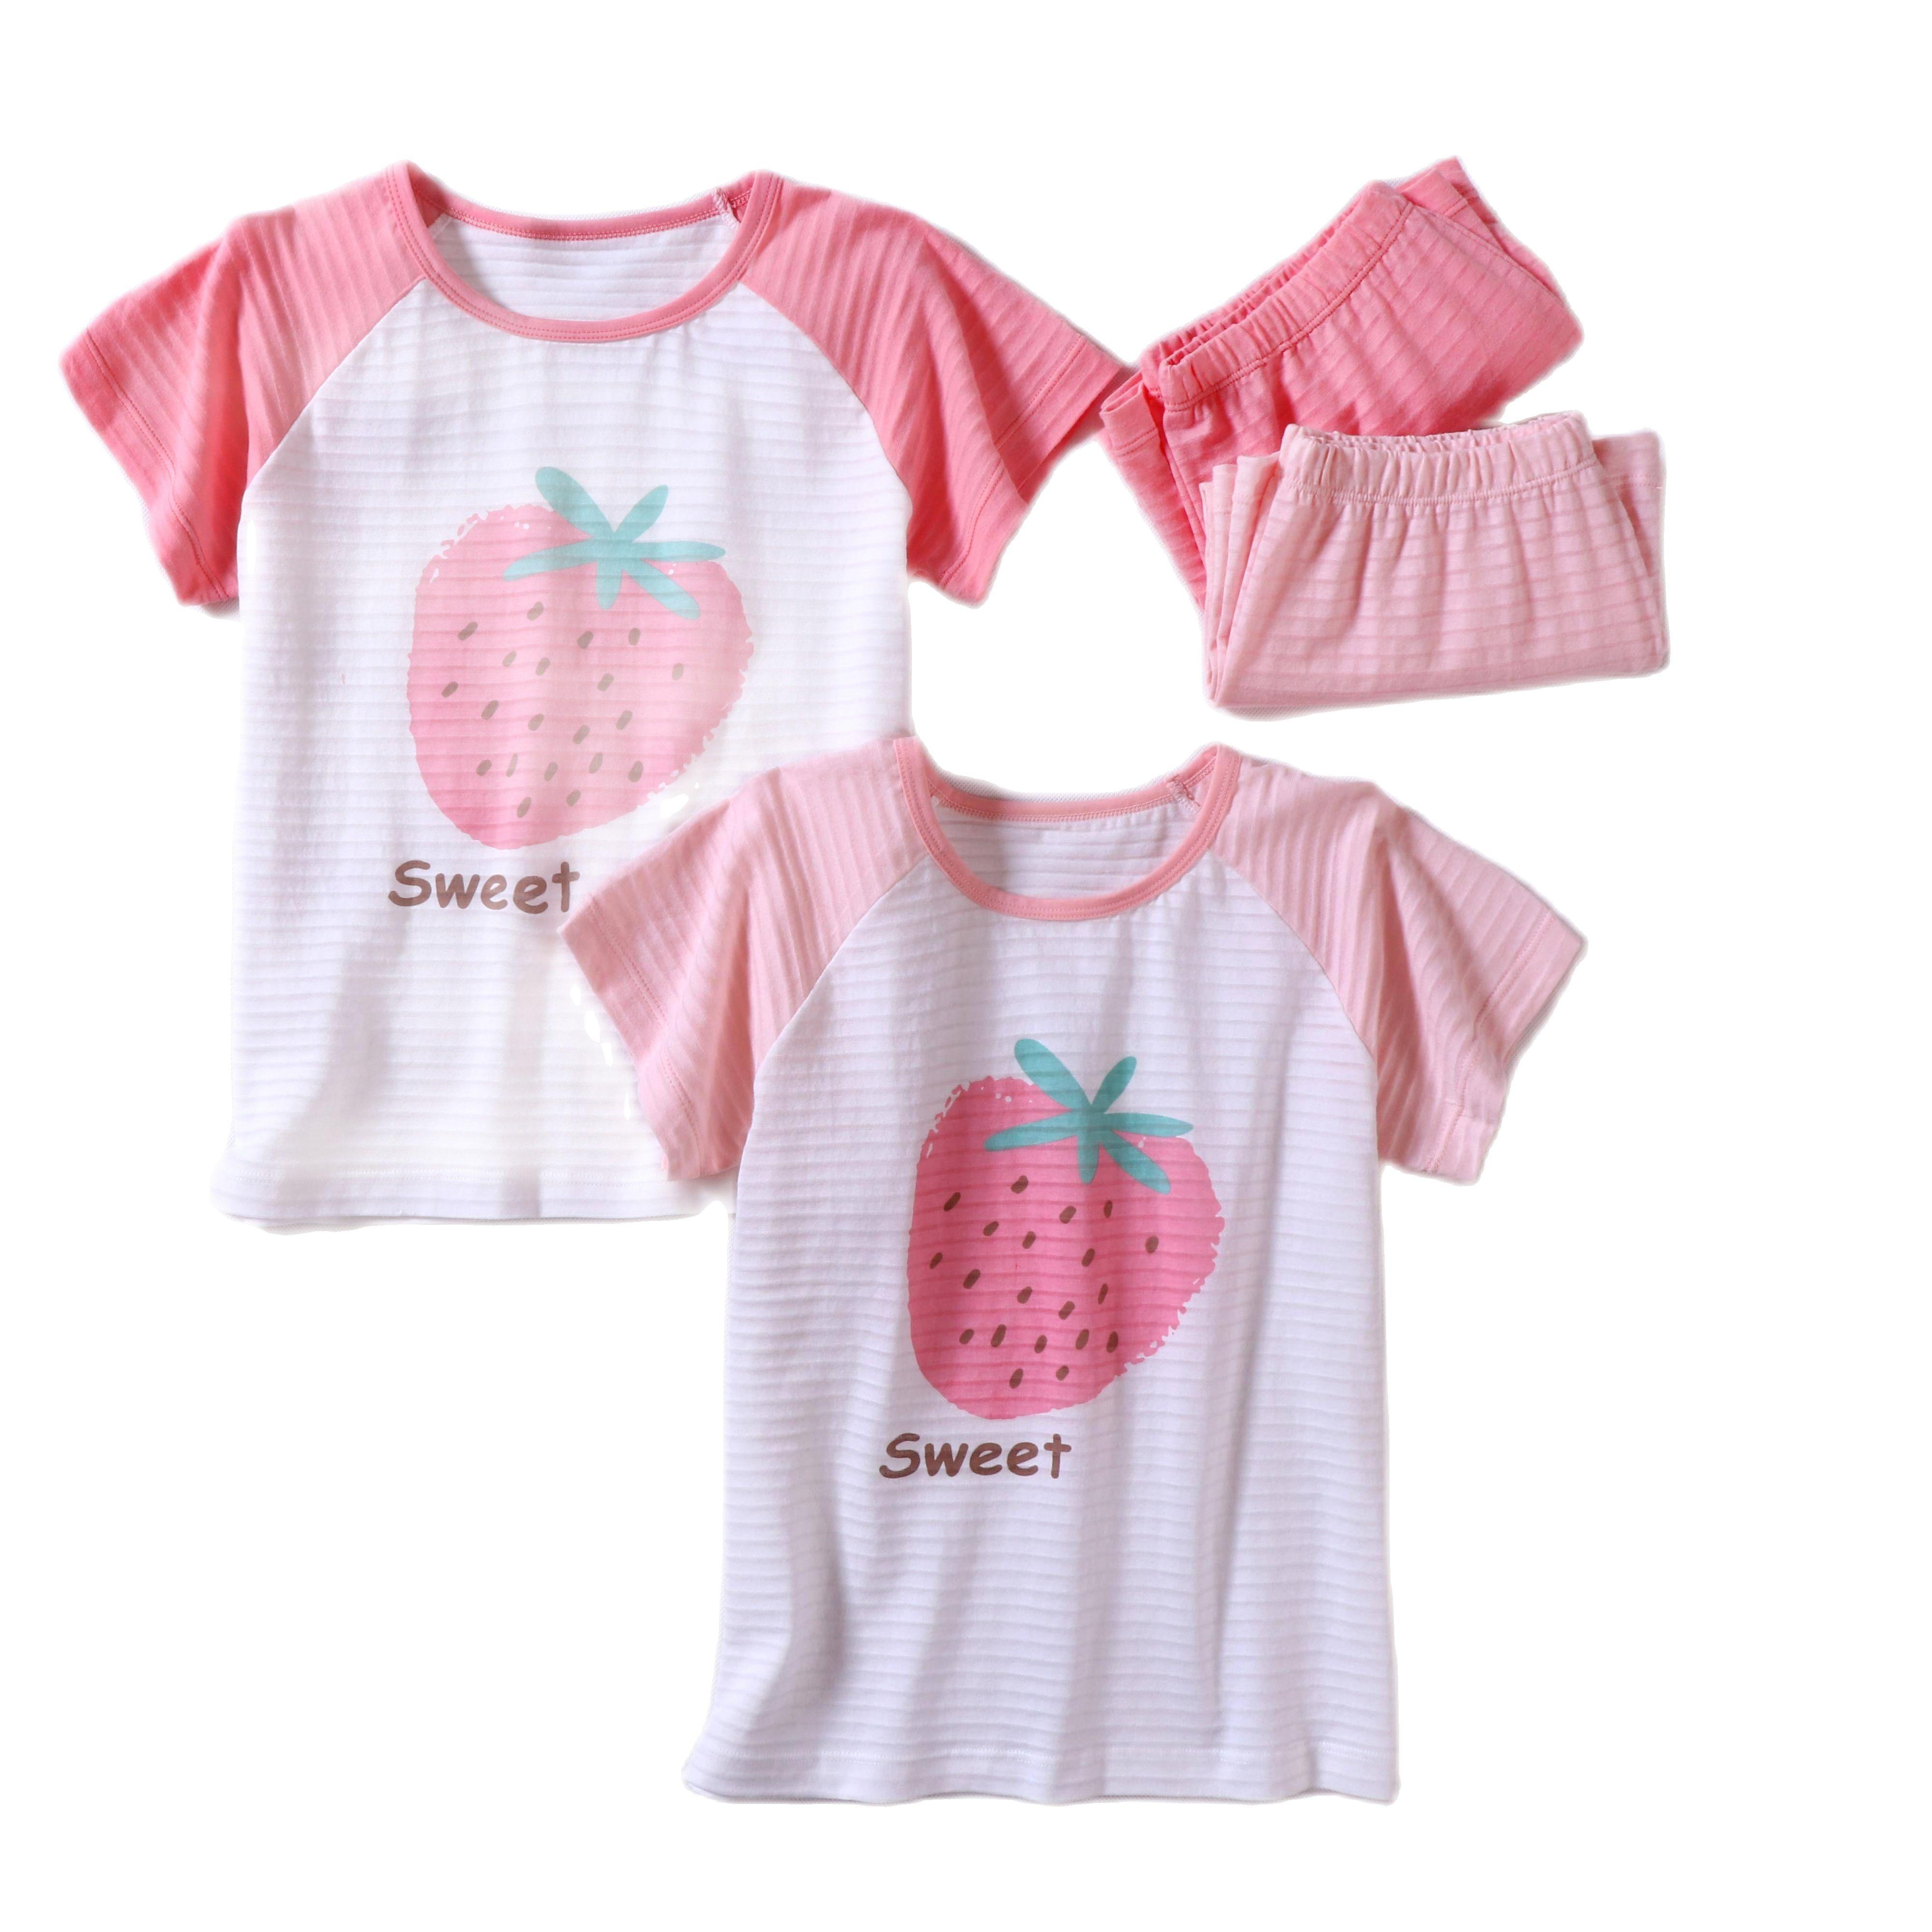 Детские пижамы для девочек, летняя хлопковая домашняя одежда для девочек, детская одежда для сна с коротким рукавом, милые Мультяшные Детские пижамные комплекты